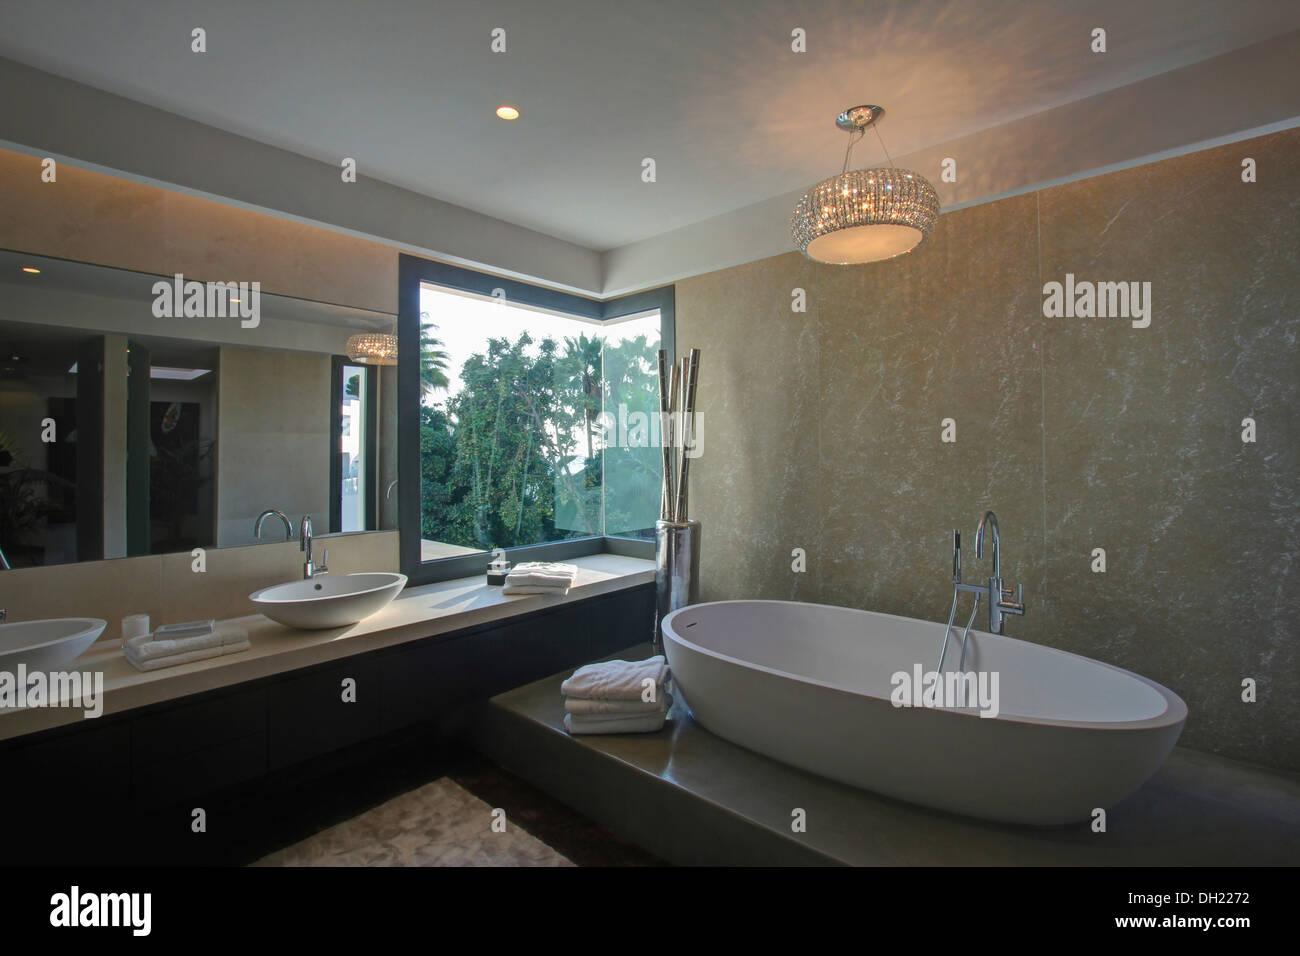 Vasca Da Bagno Spagnolo : Vasca da bagno in marmo ricomposto design moderno e raffinato